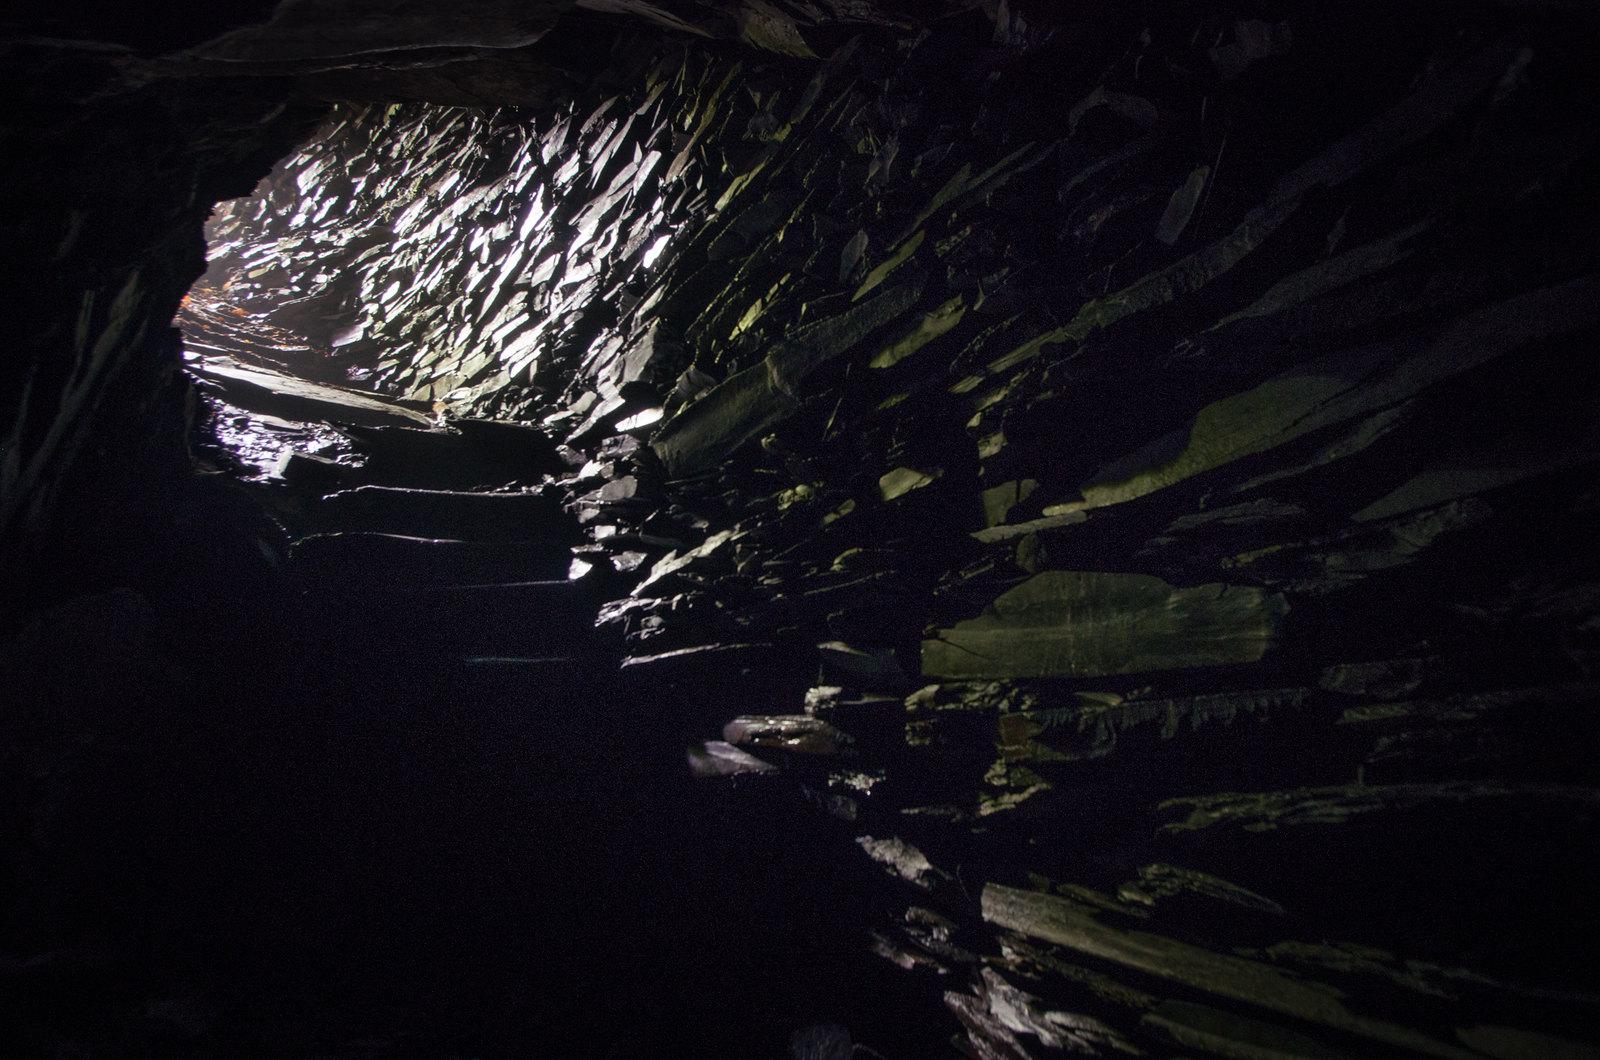 Balade dans les Ardennes - Dans l'obscurité des ardoisières